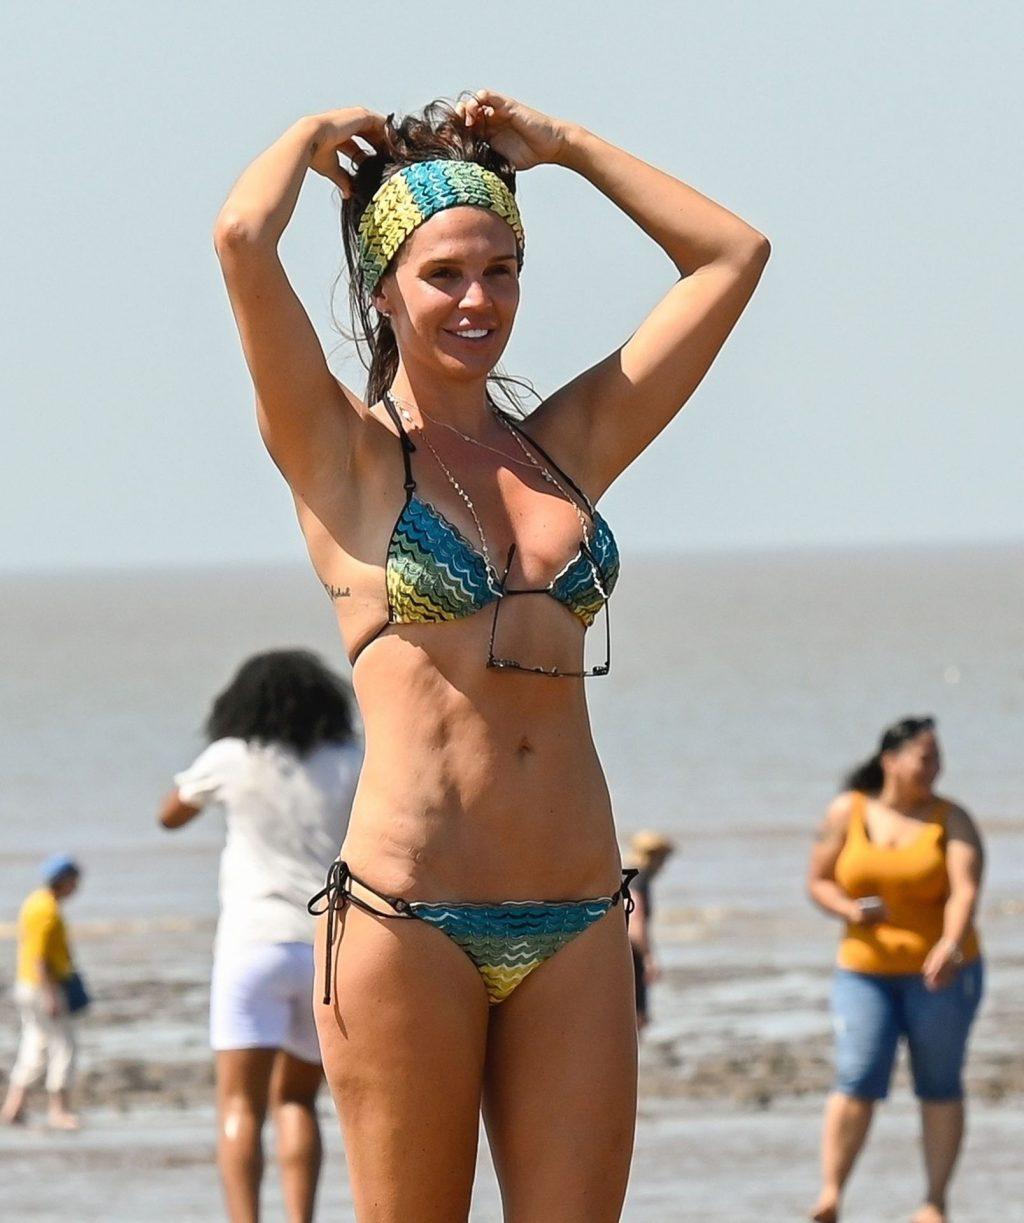 Danielle Lloyd Shows Off Her Abs on the Beach (65 Photos)